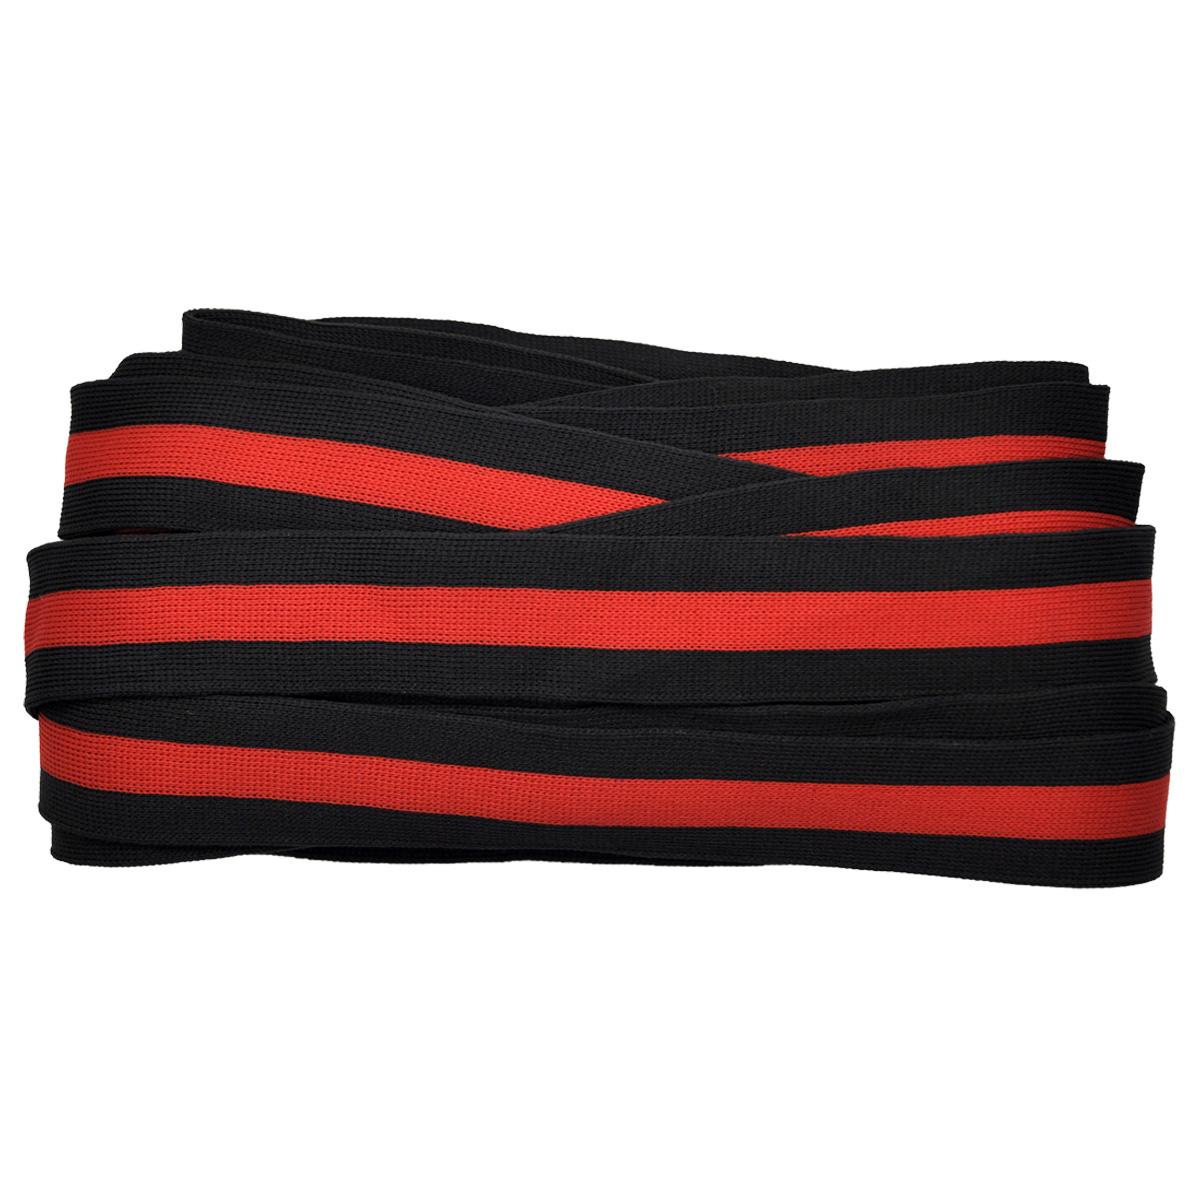 Лента лампасная №10 черная/красная/черная 3см уп*10м, 2135001286158